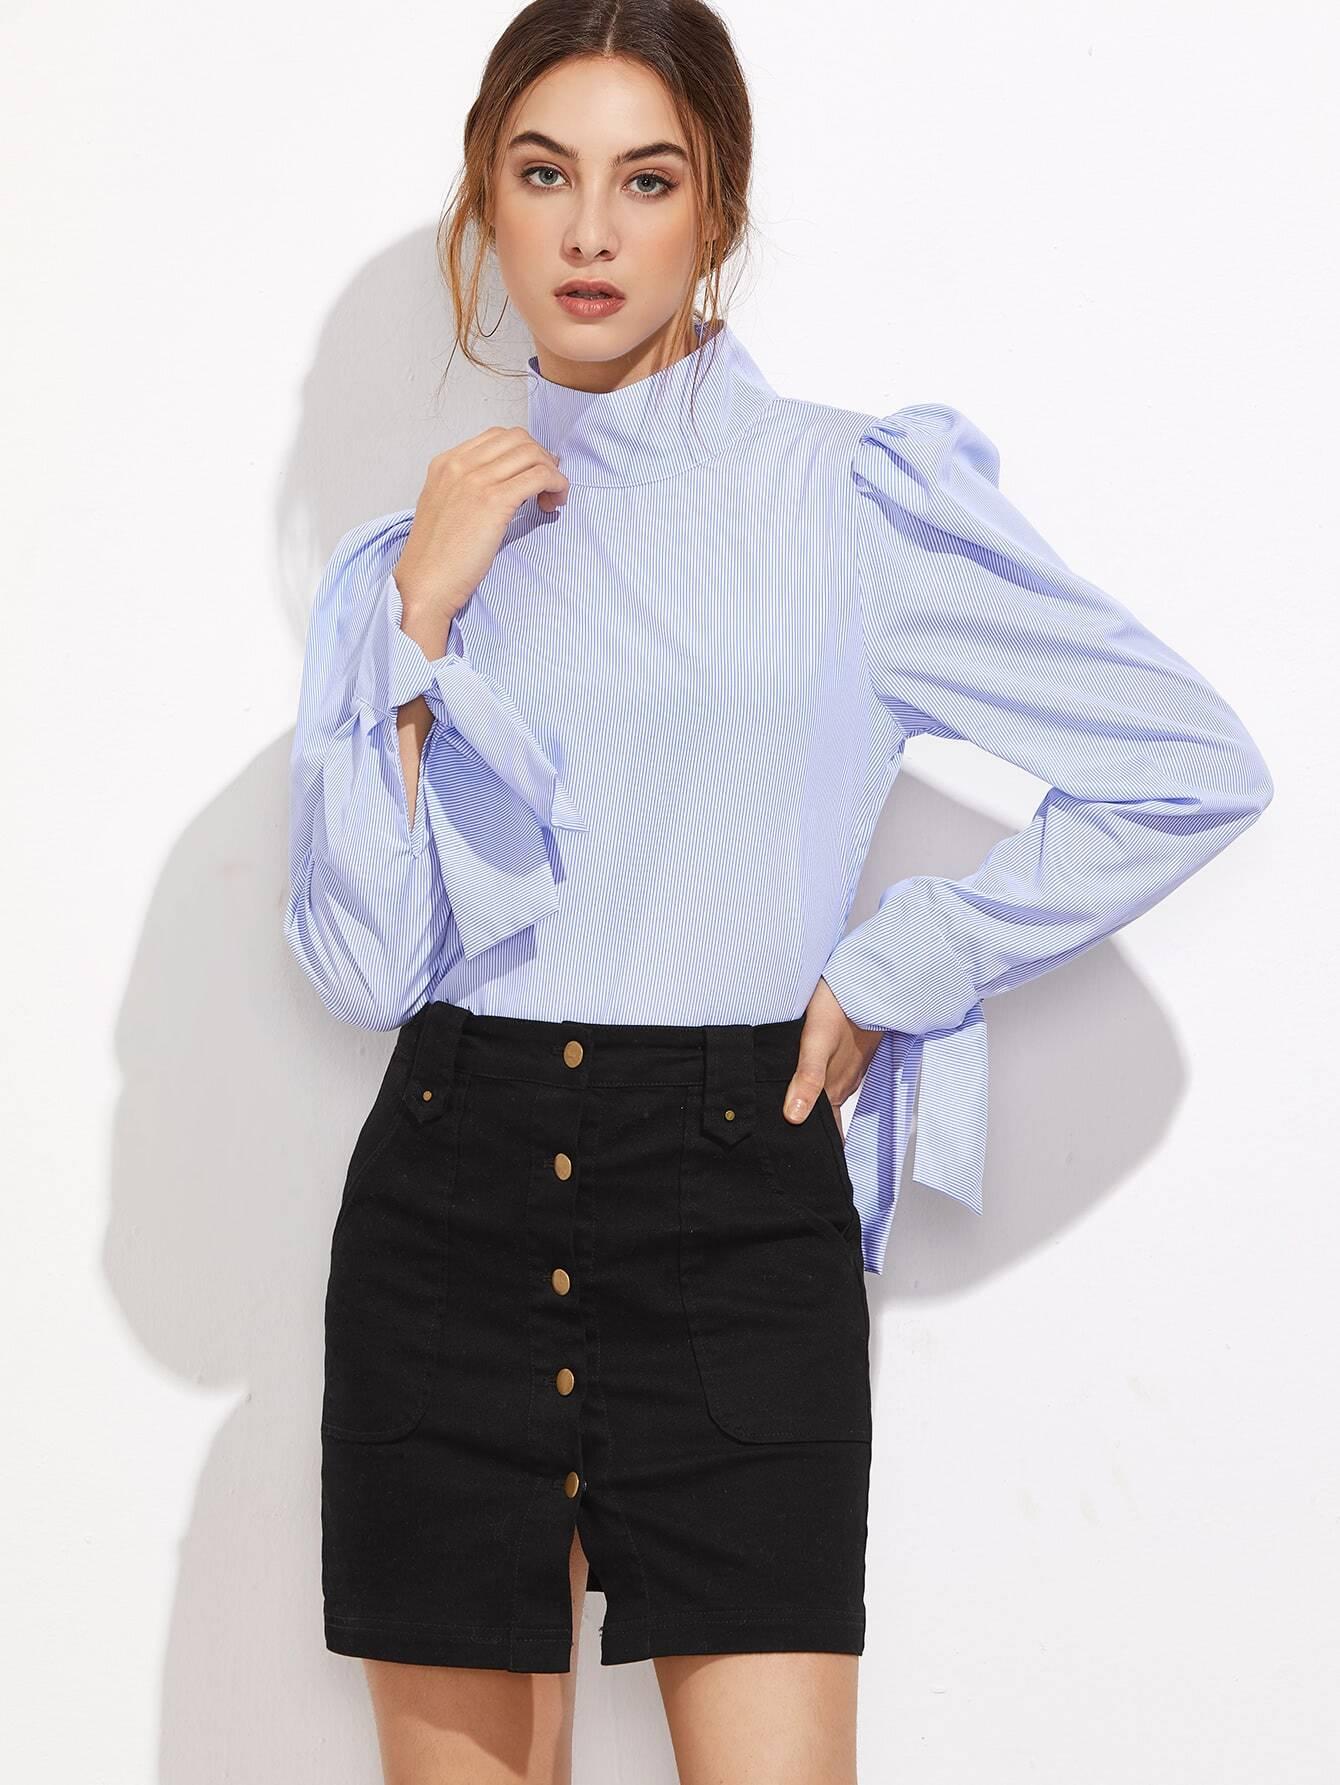 Bluse mit Hohem Kragen Schleife Puff Ärmel Knopf Streifen-blau ...